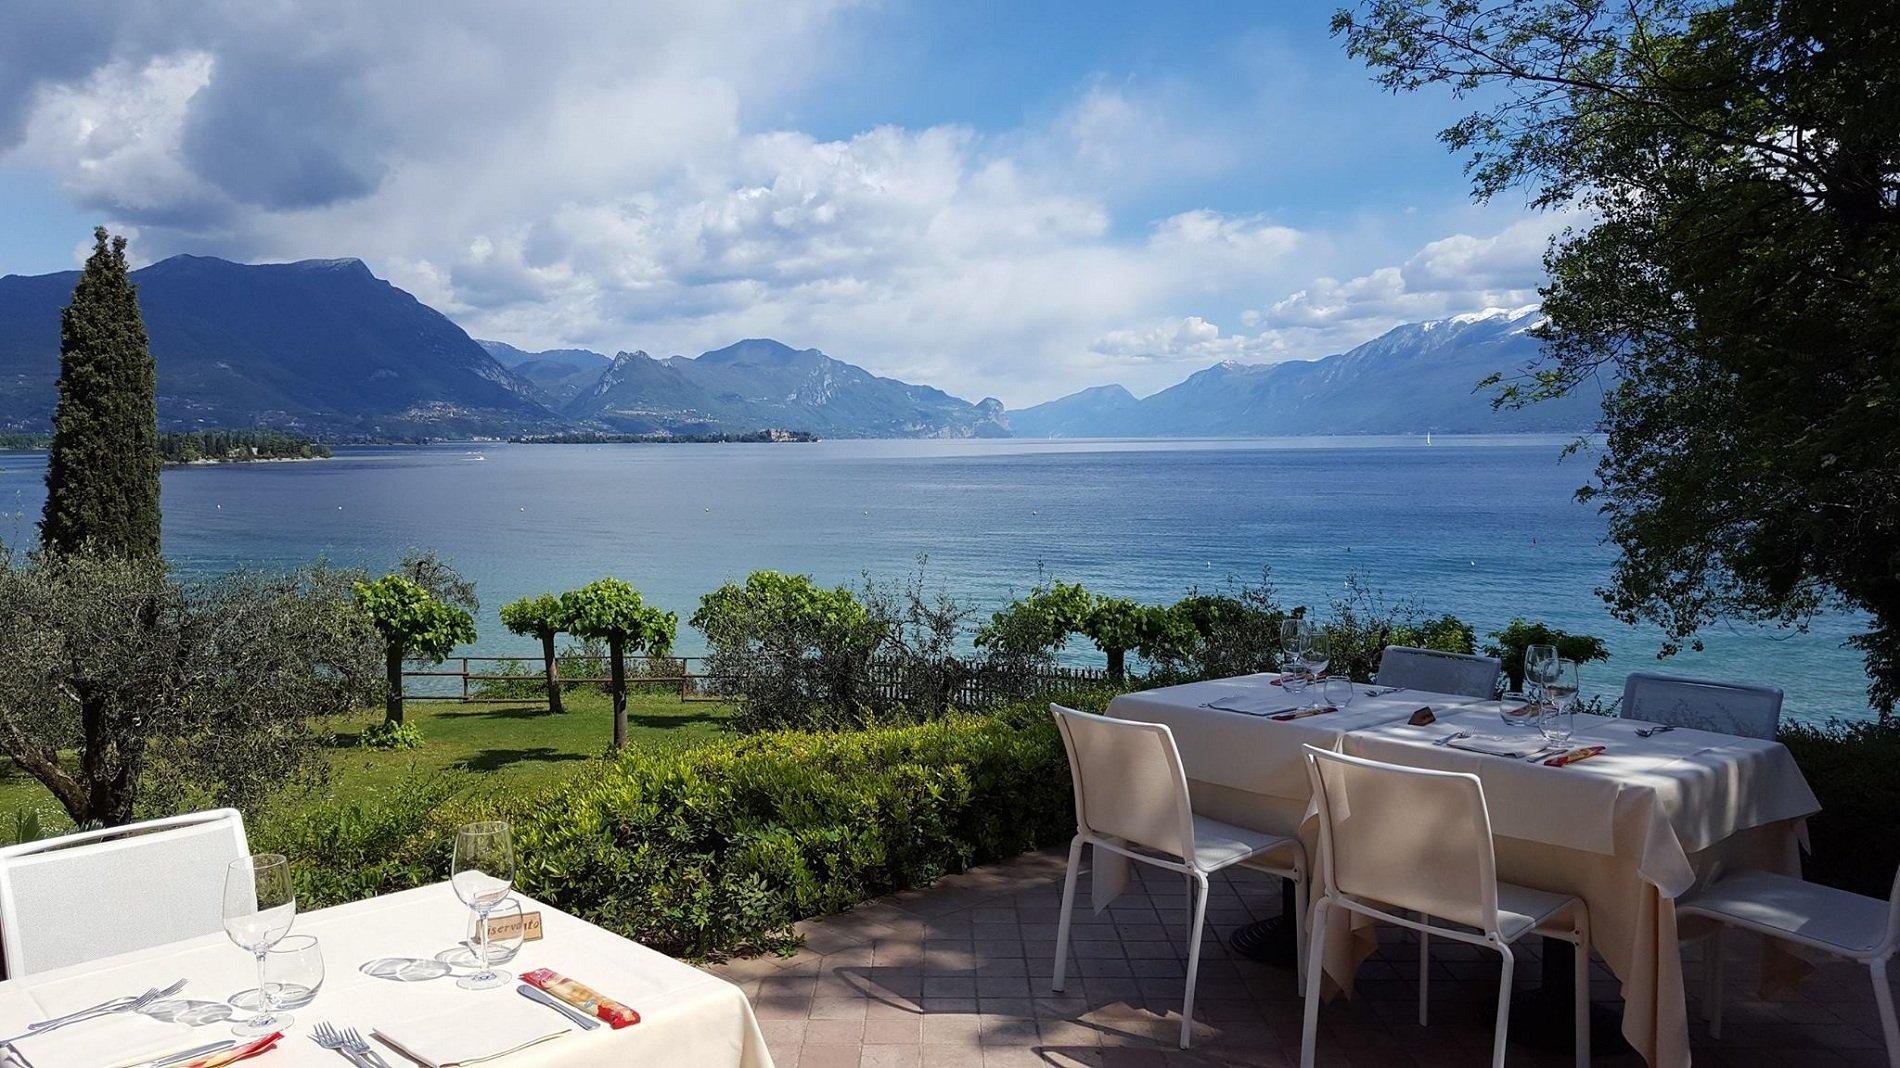 dei tavoli apparecchiati all'esterno in una terrazza con vista del lago